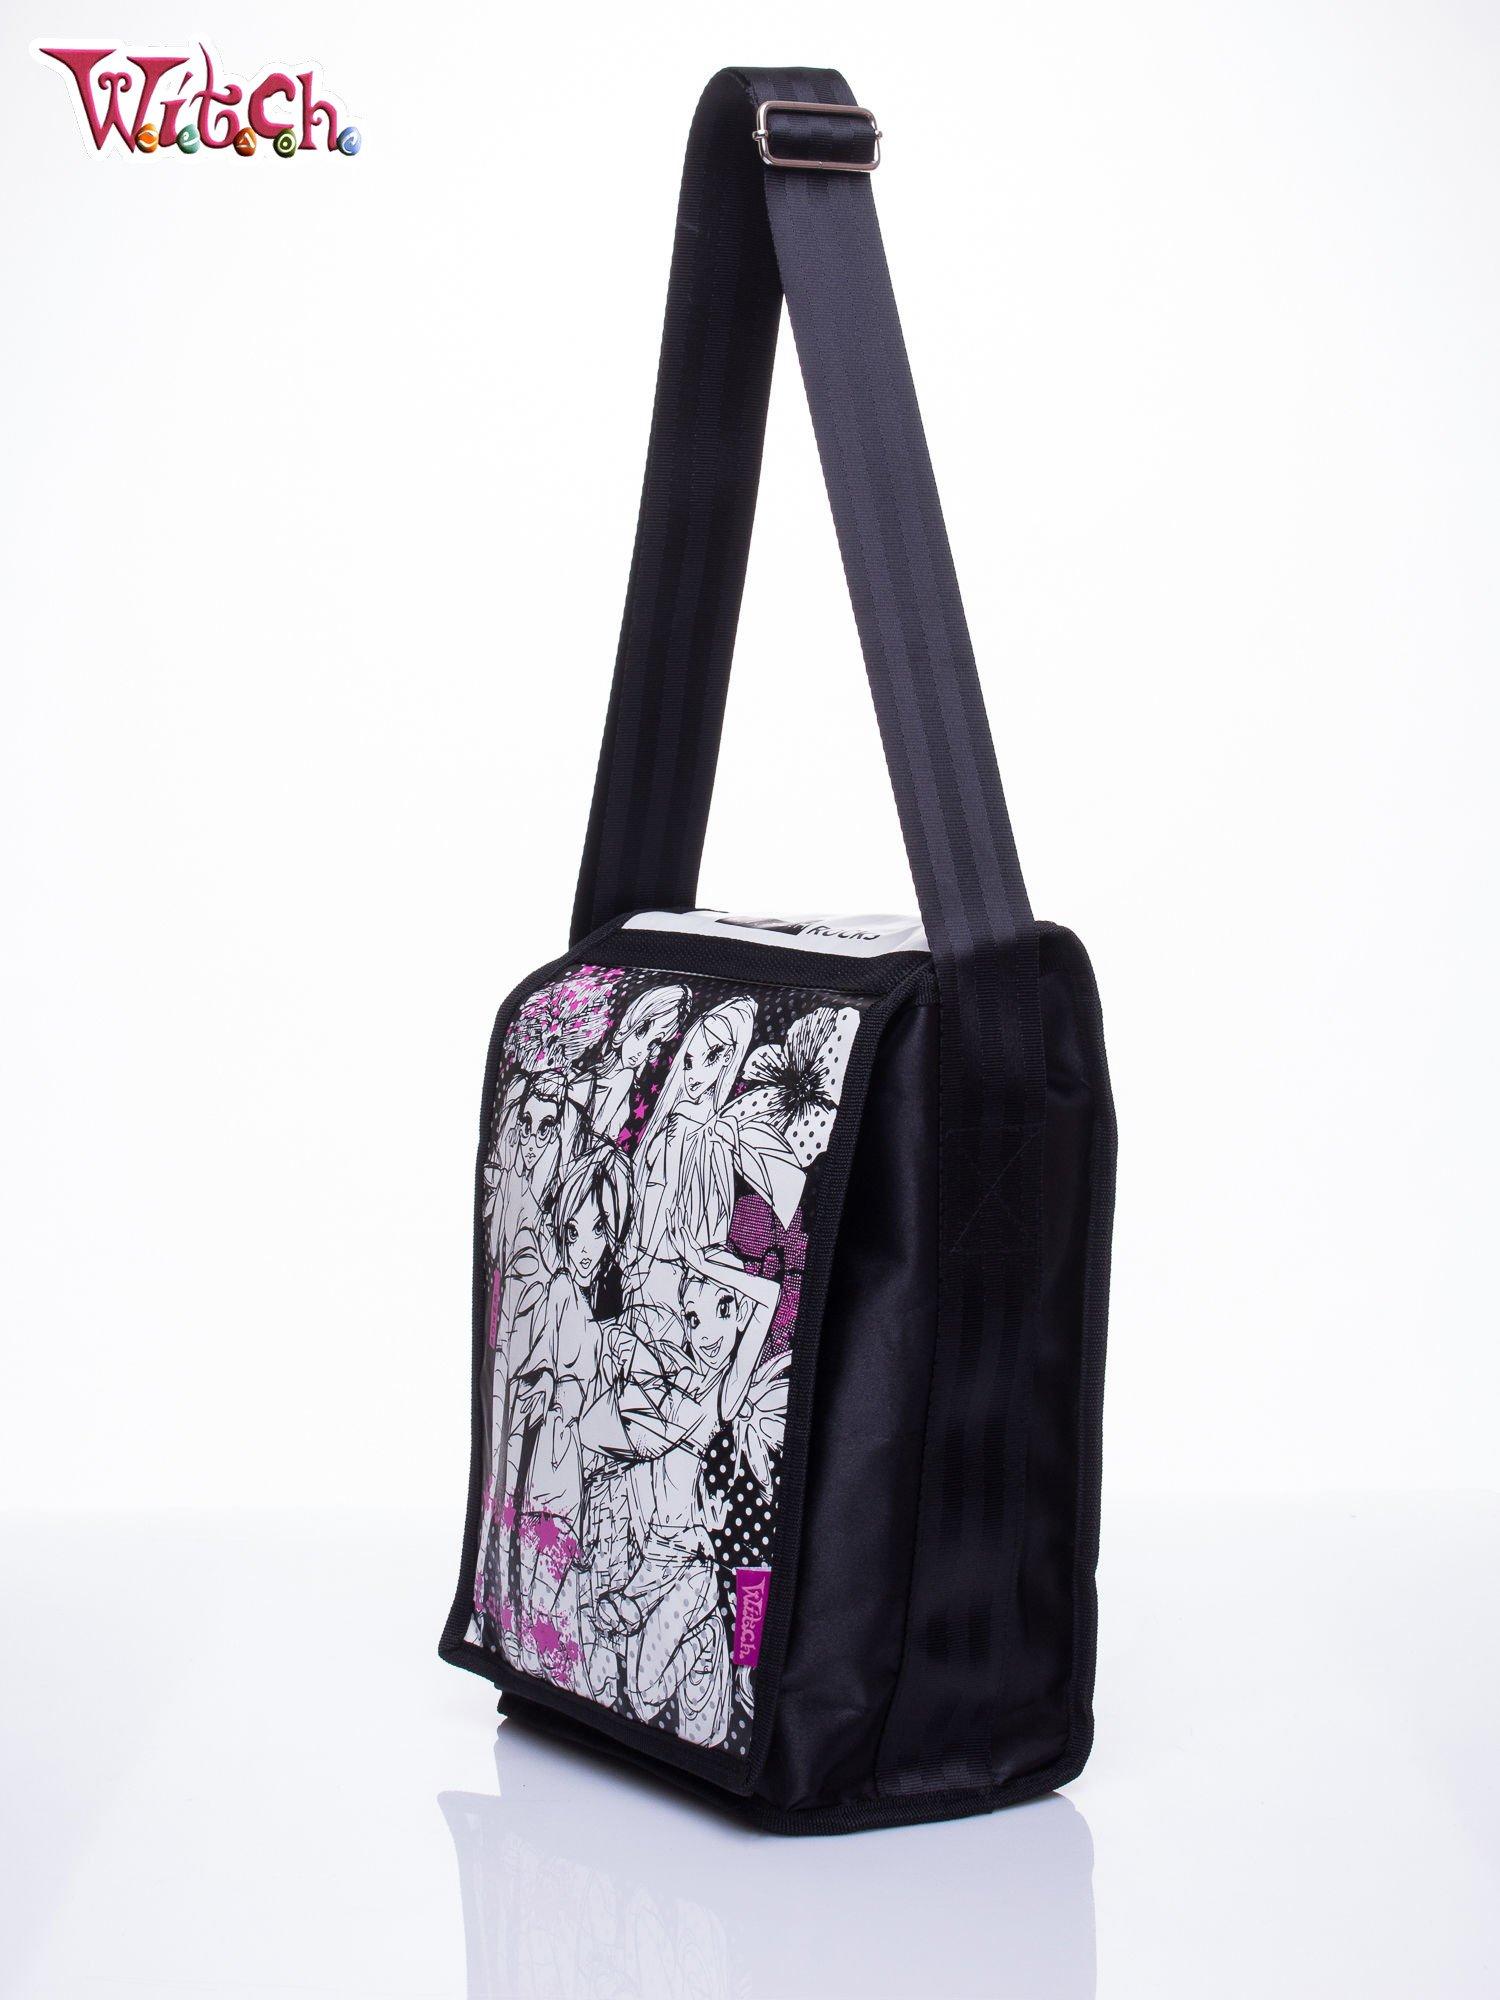 Czarna pionowa torba szkolna DISNEY Witch                                  zdj.                                  2